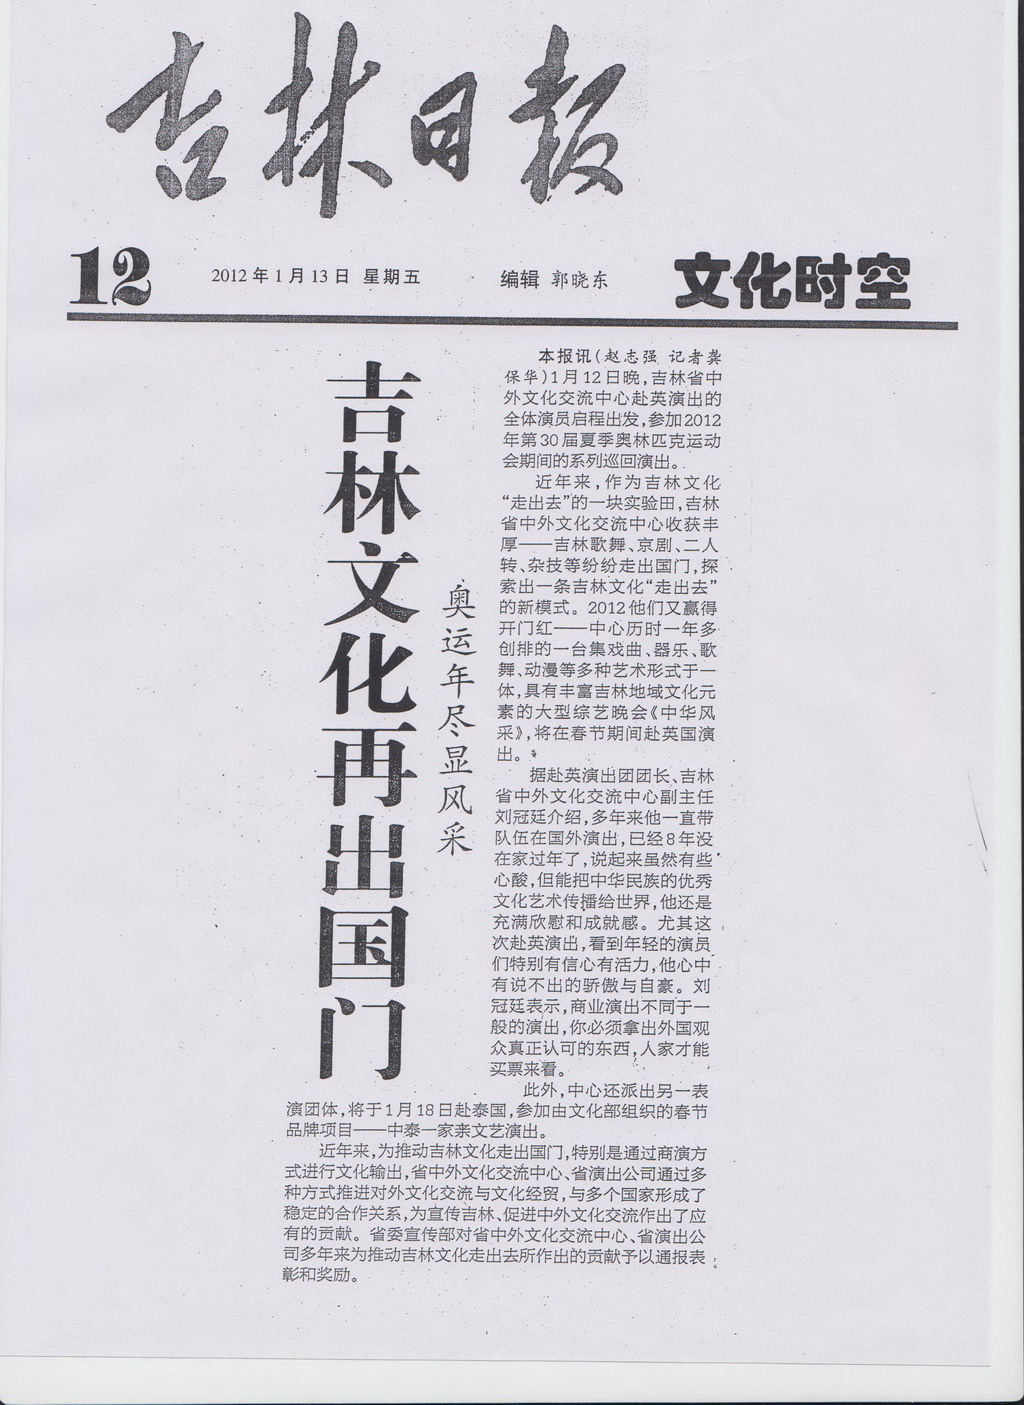 媒体报道剪报_4